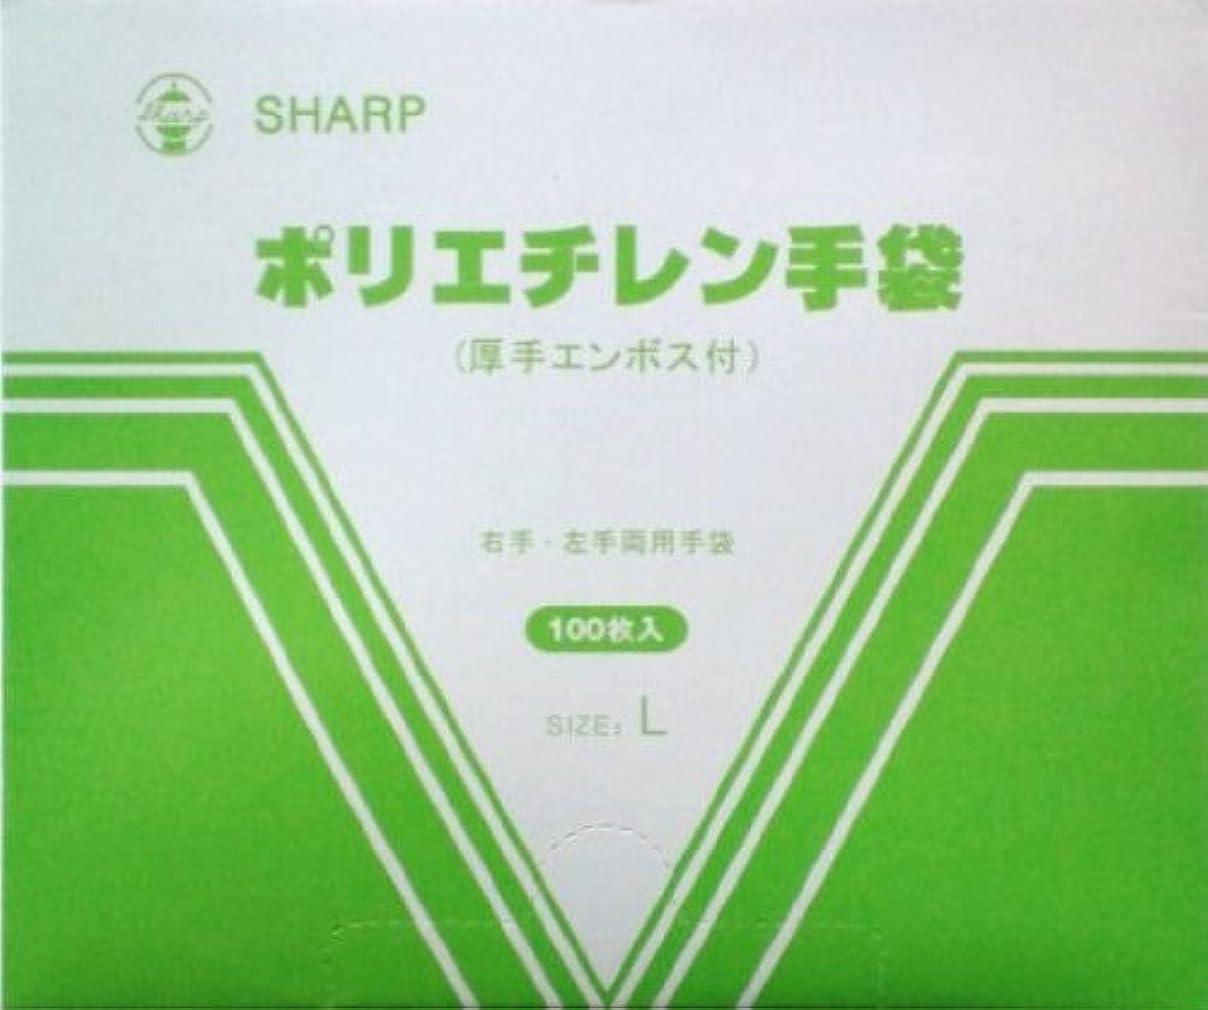 新鋭工業 SHARP ポリエチレン手袋 左右兼用100枚入り Lサイズ 100枚入り